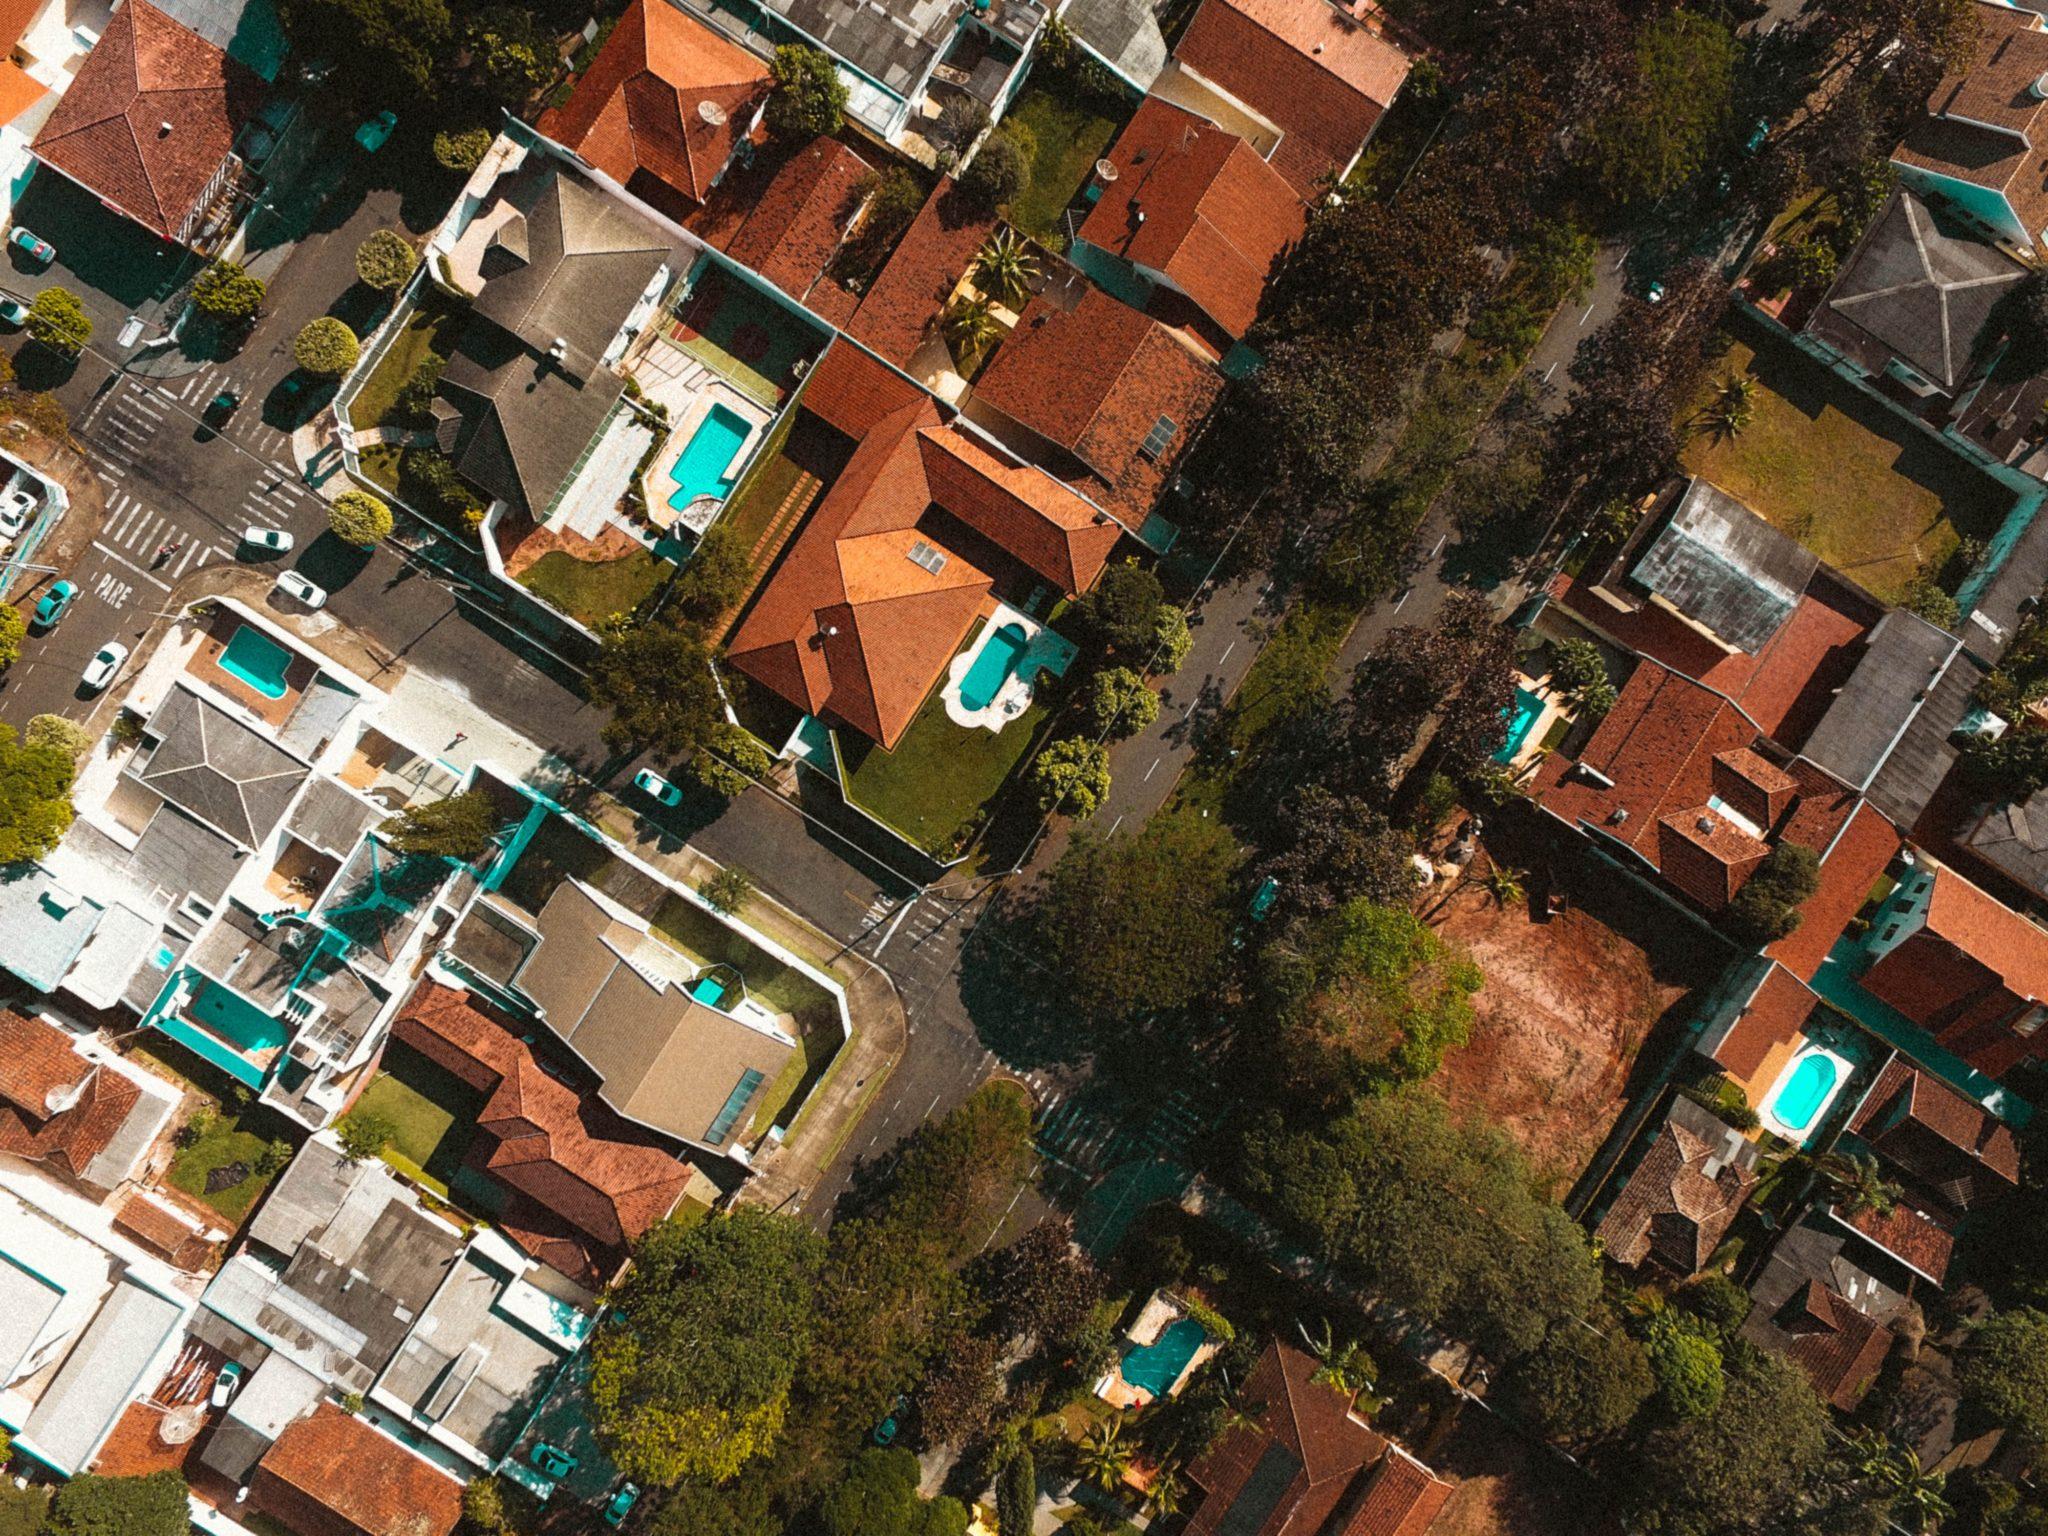 Eliminação do zoneamento entre atividades residenciais e comerciais | Guia de Gestão Urbana